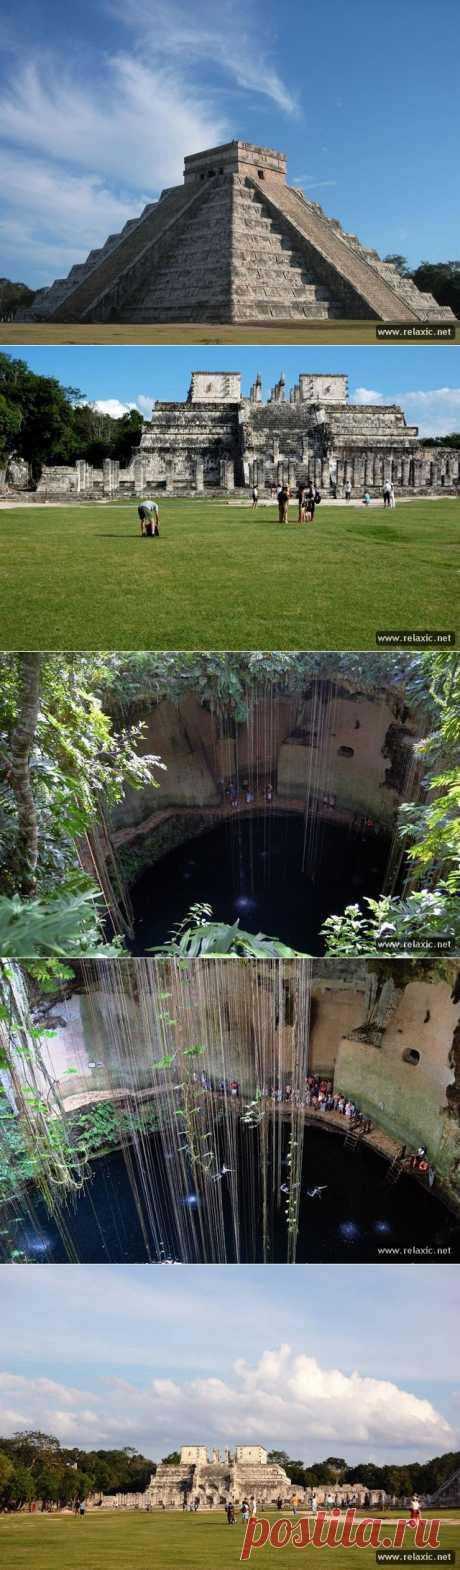 Священный город Чичен-Ица (21 фото+видео) | Релаксик